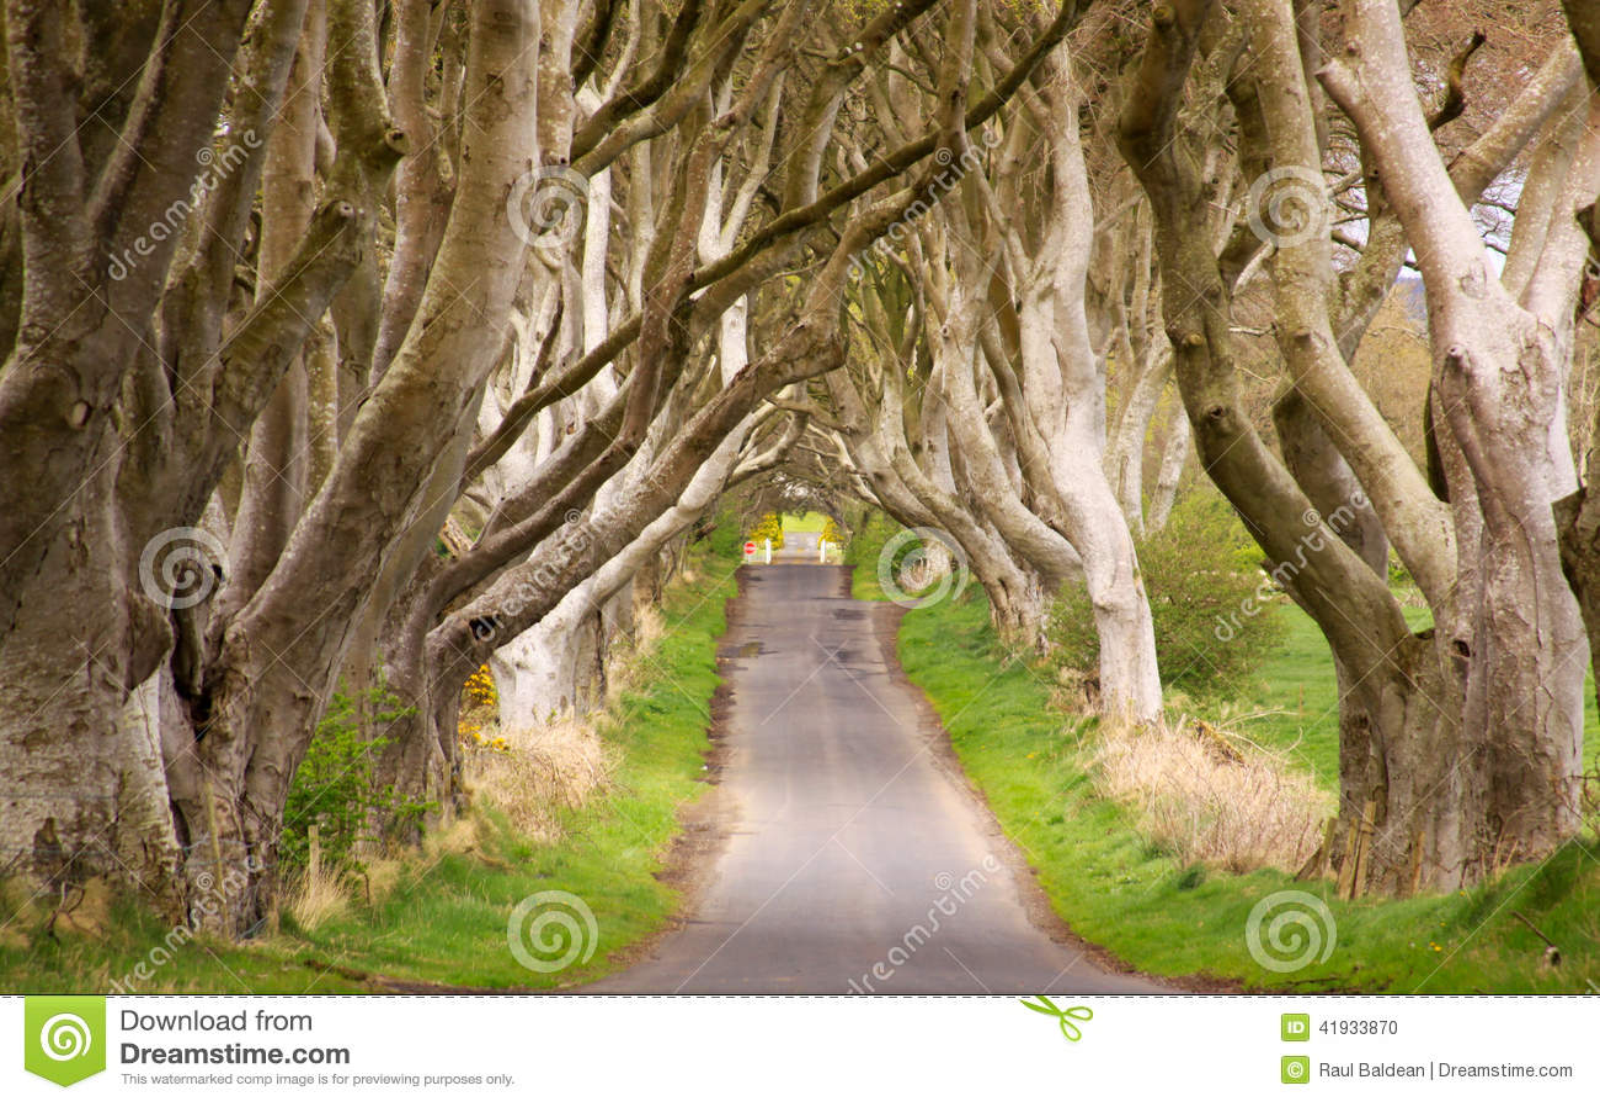 De Donkere Hagen, Noord-Ierland